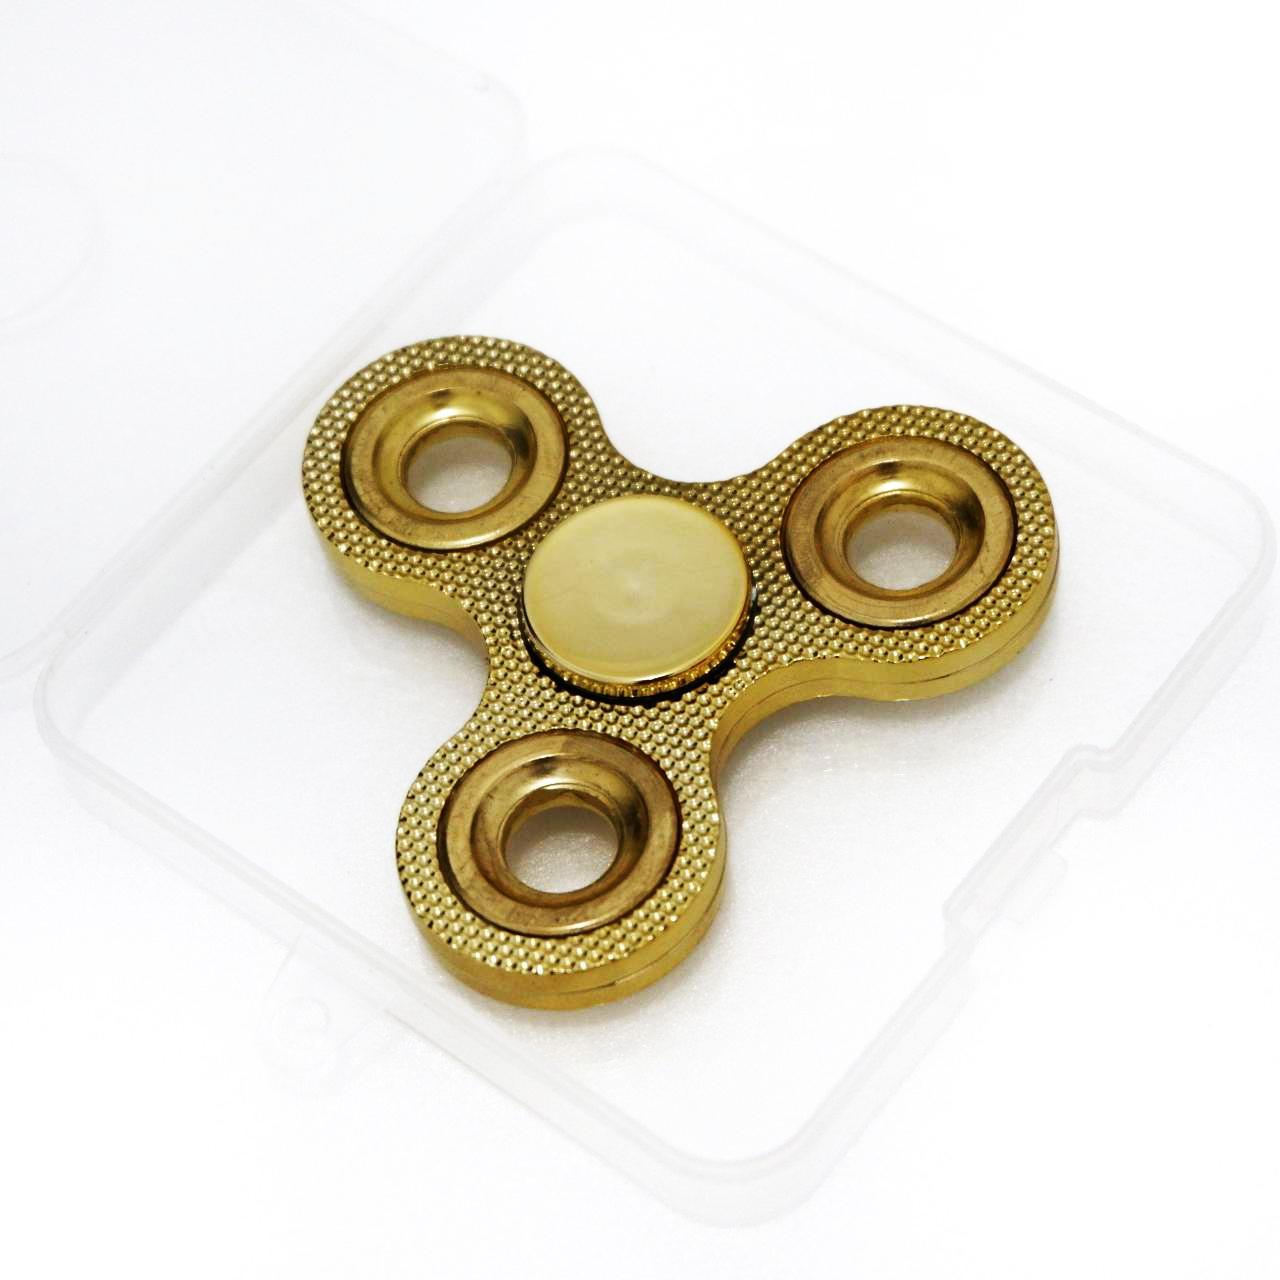 ... Promo Mainan Hand Toys Fidget Spinner EDC Termurah - Gold - 5